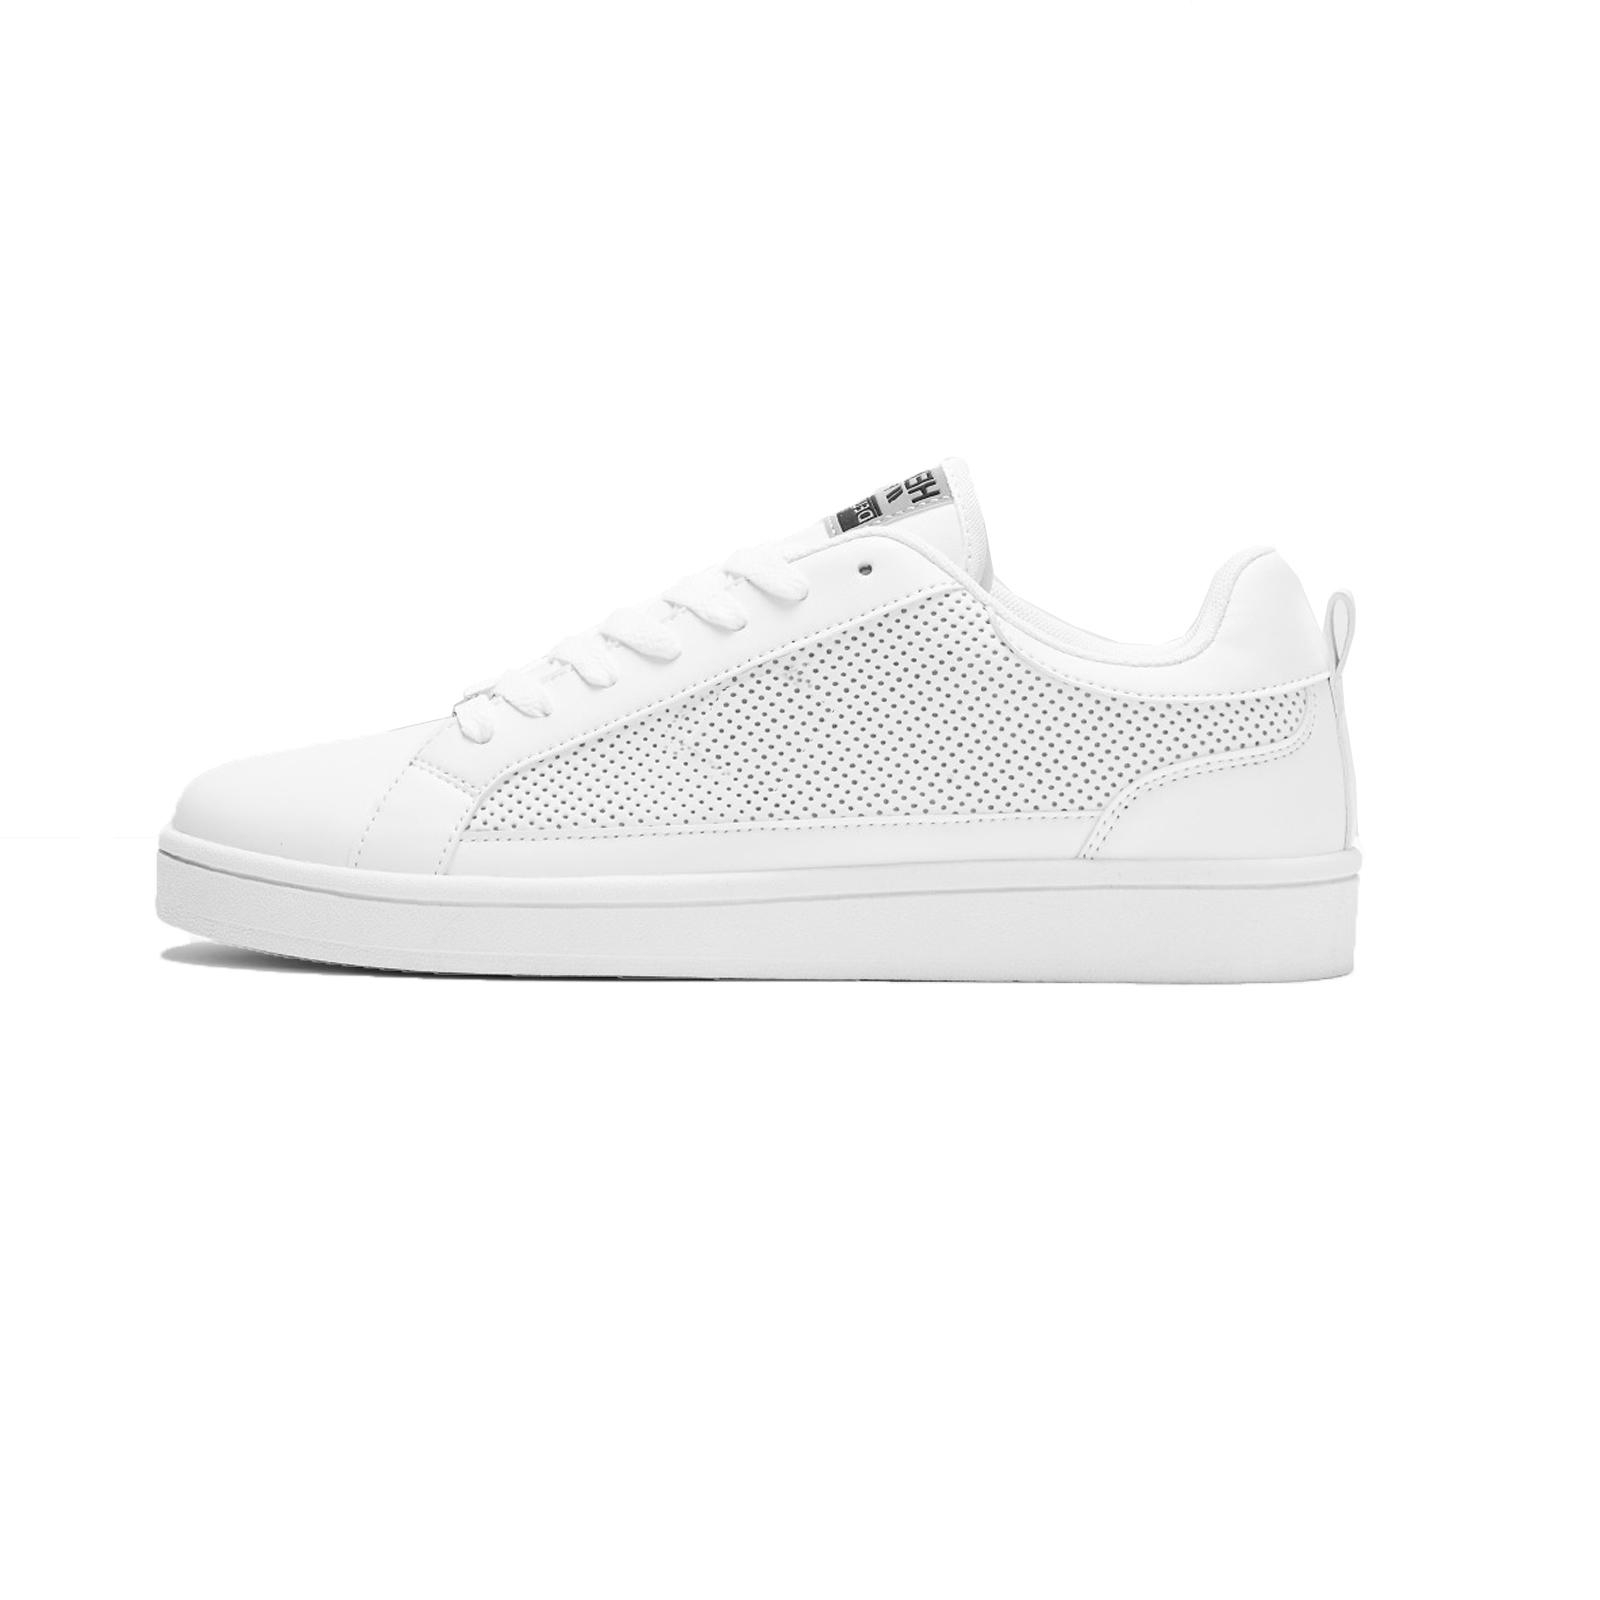 Henleys-Para-hombre-Drexel-Cupsole-Con-Cordones-Zapatillas-Bajo-Top-Zapatos-Zapatos-De-Salon-Casual miniatura 15